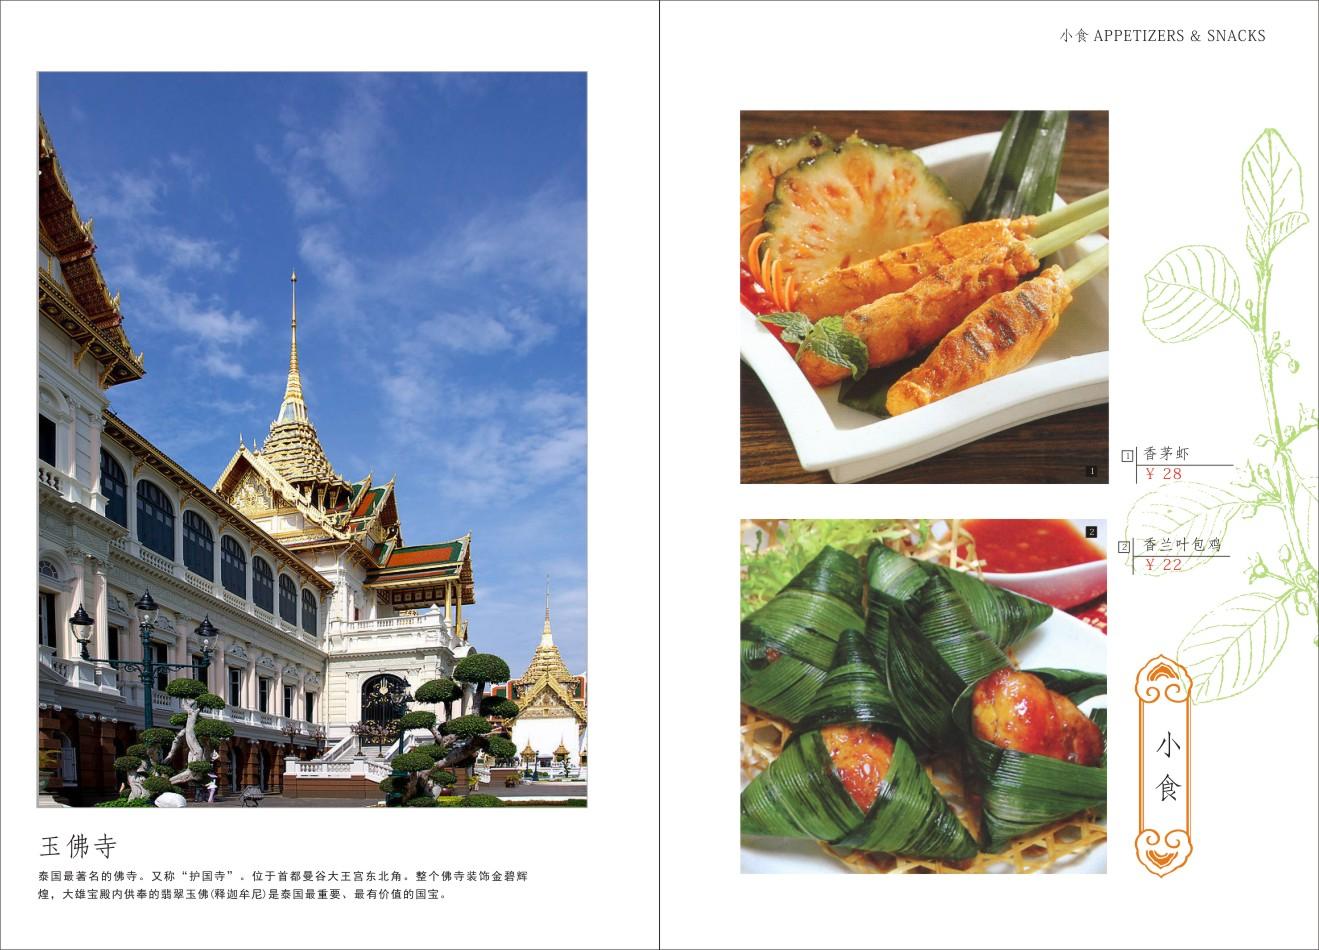 476号菜谱设计:菜谱册泰国菜